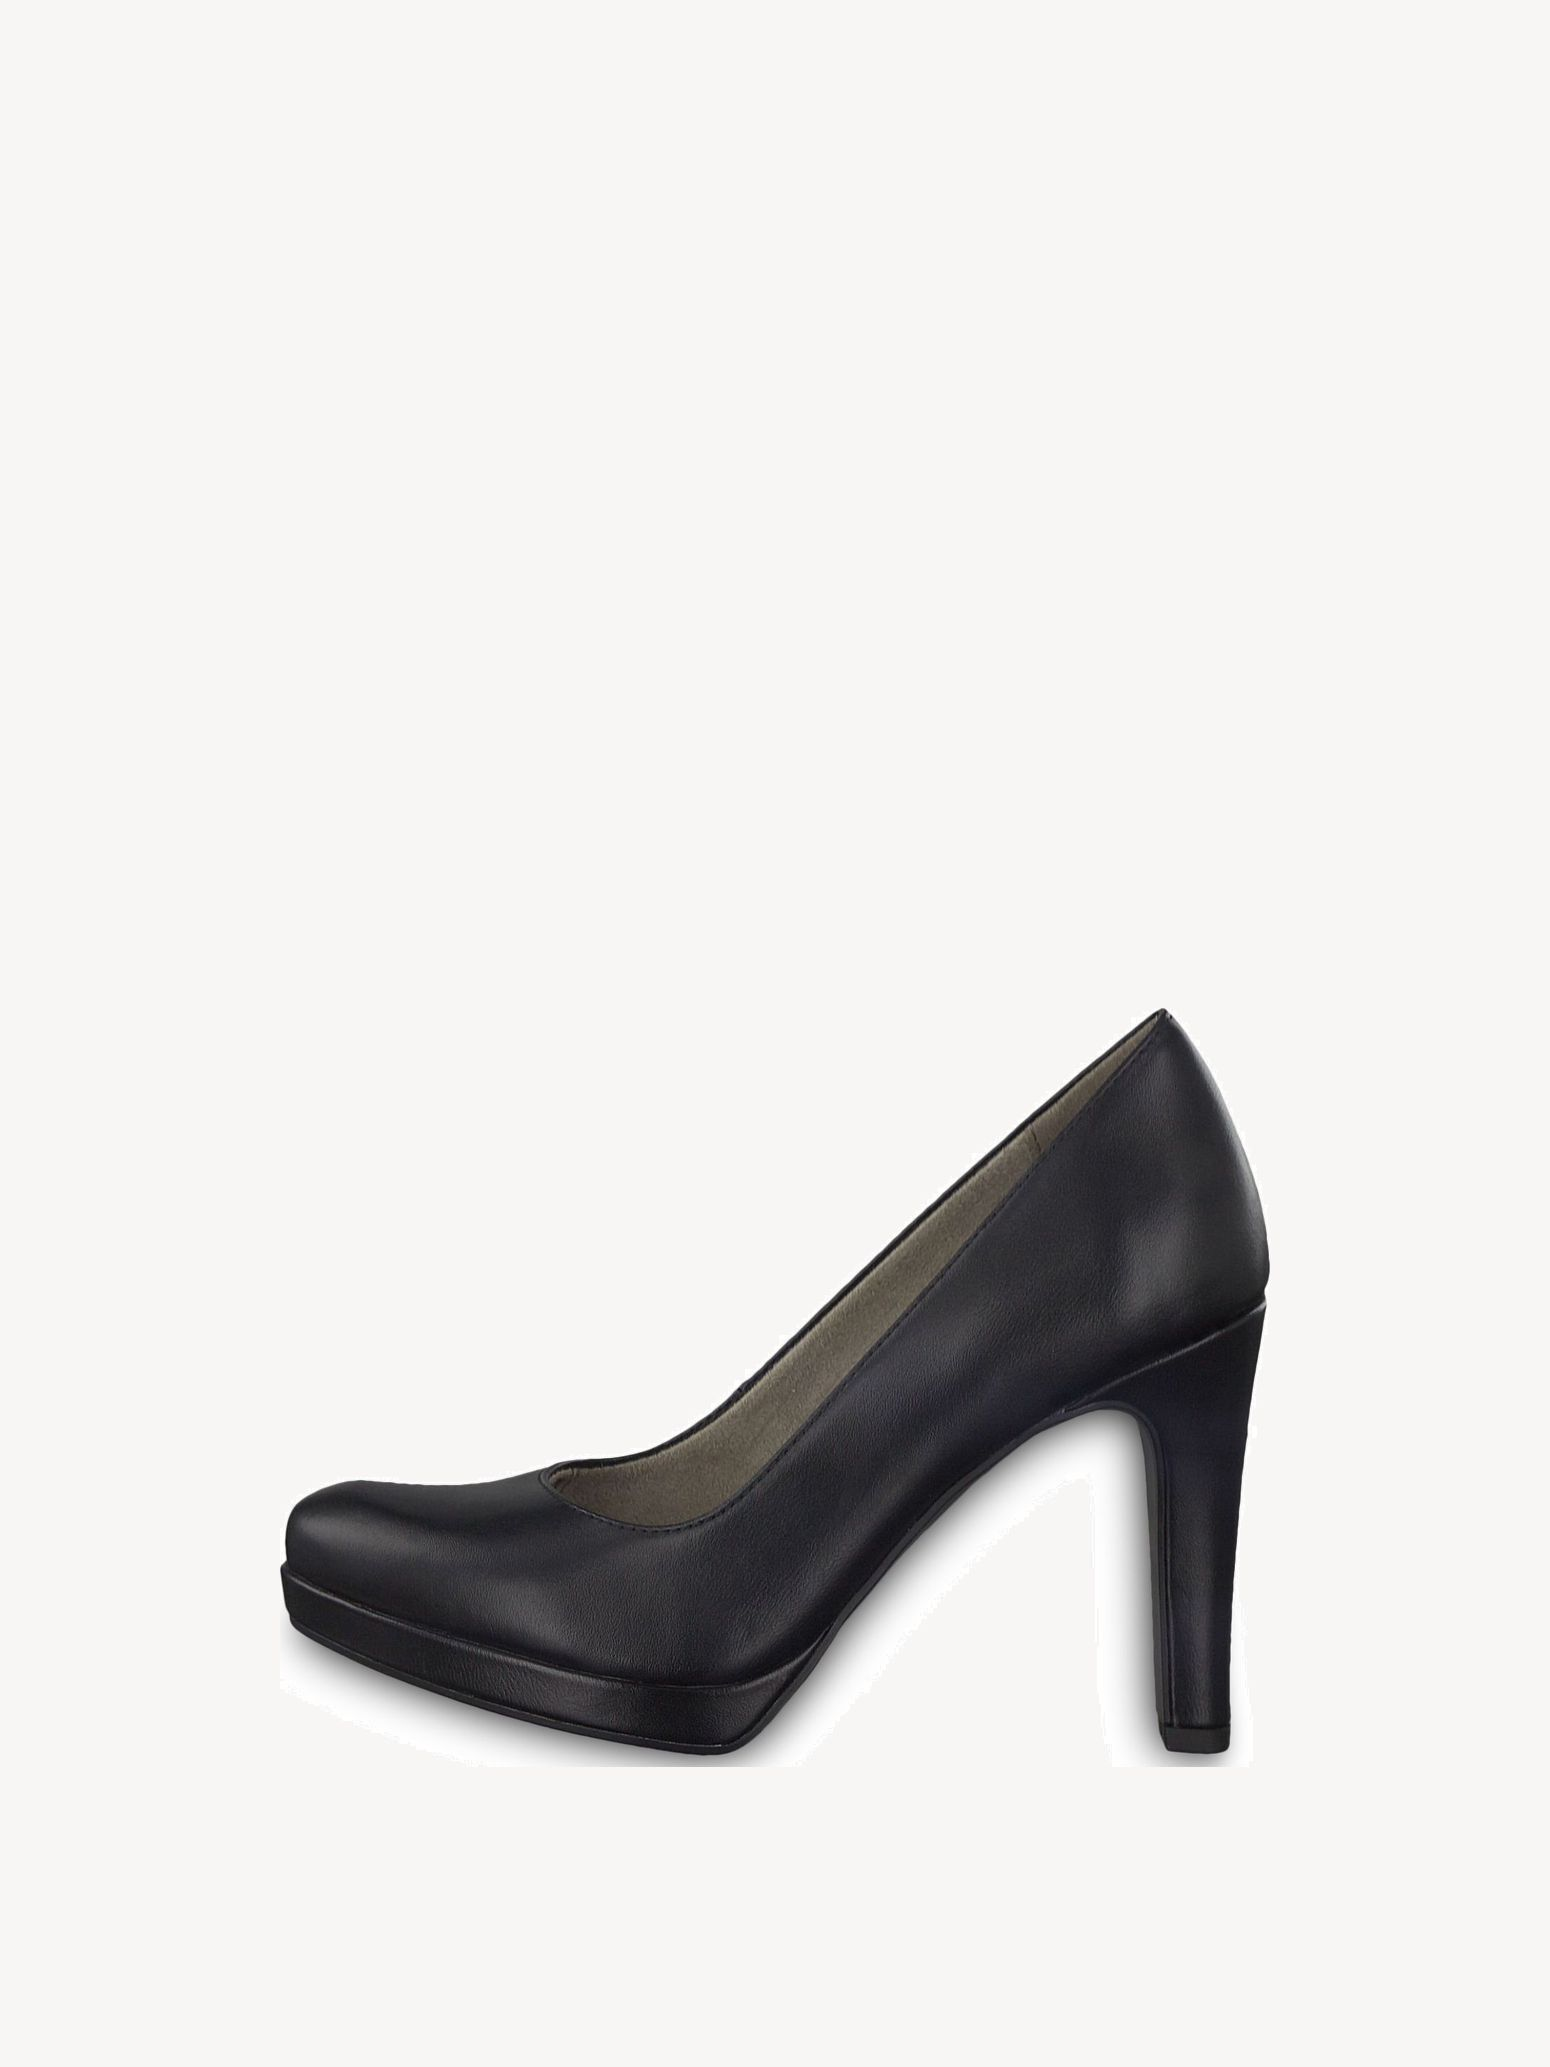 22410 Tamaris Pompes Femmes - Noir (noir Mat 020), Taille: 36